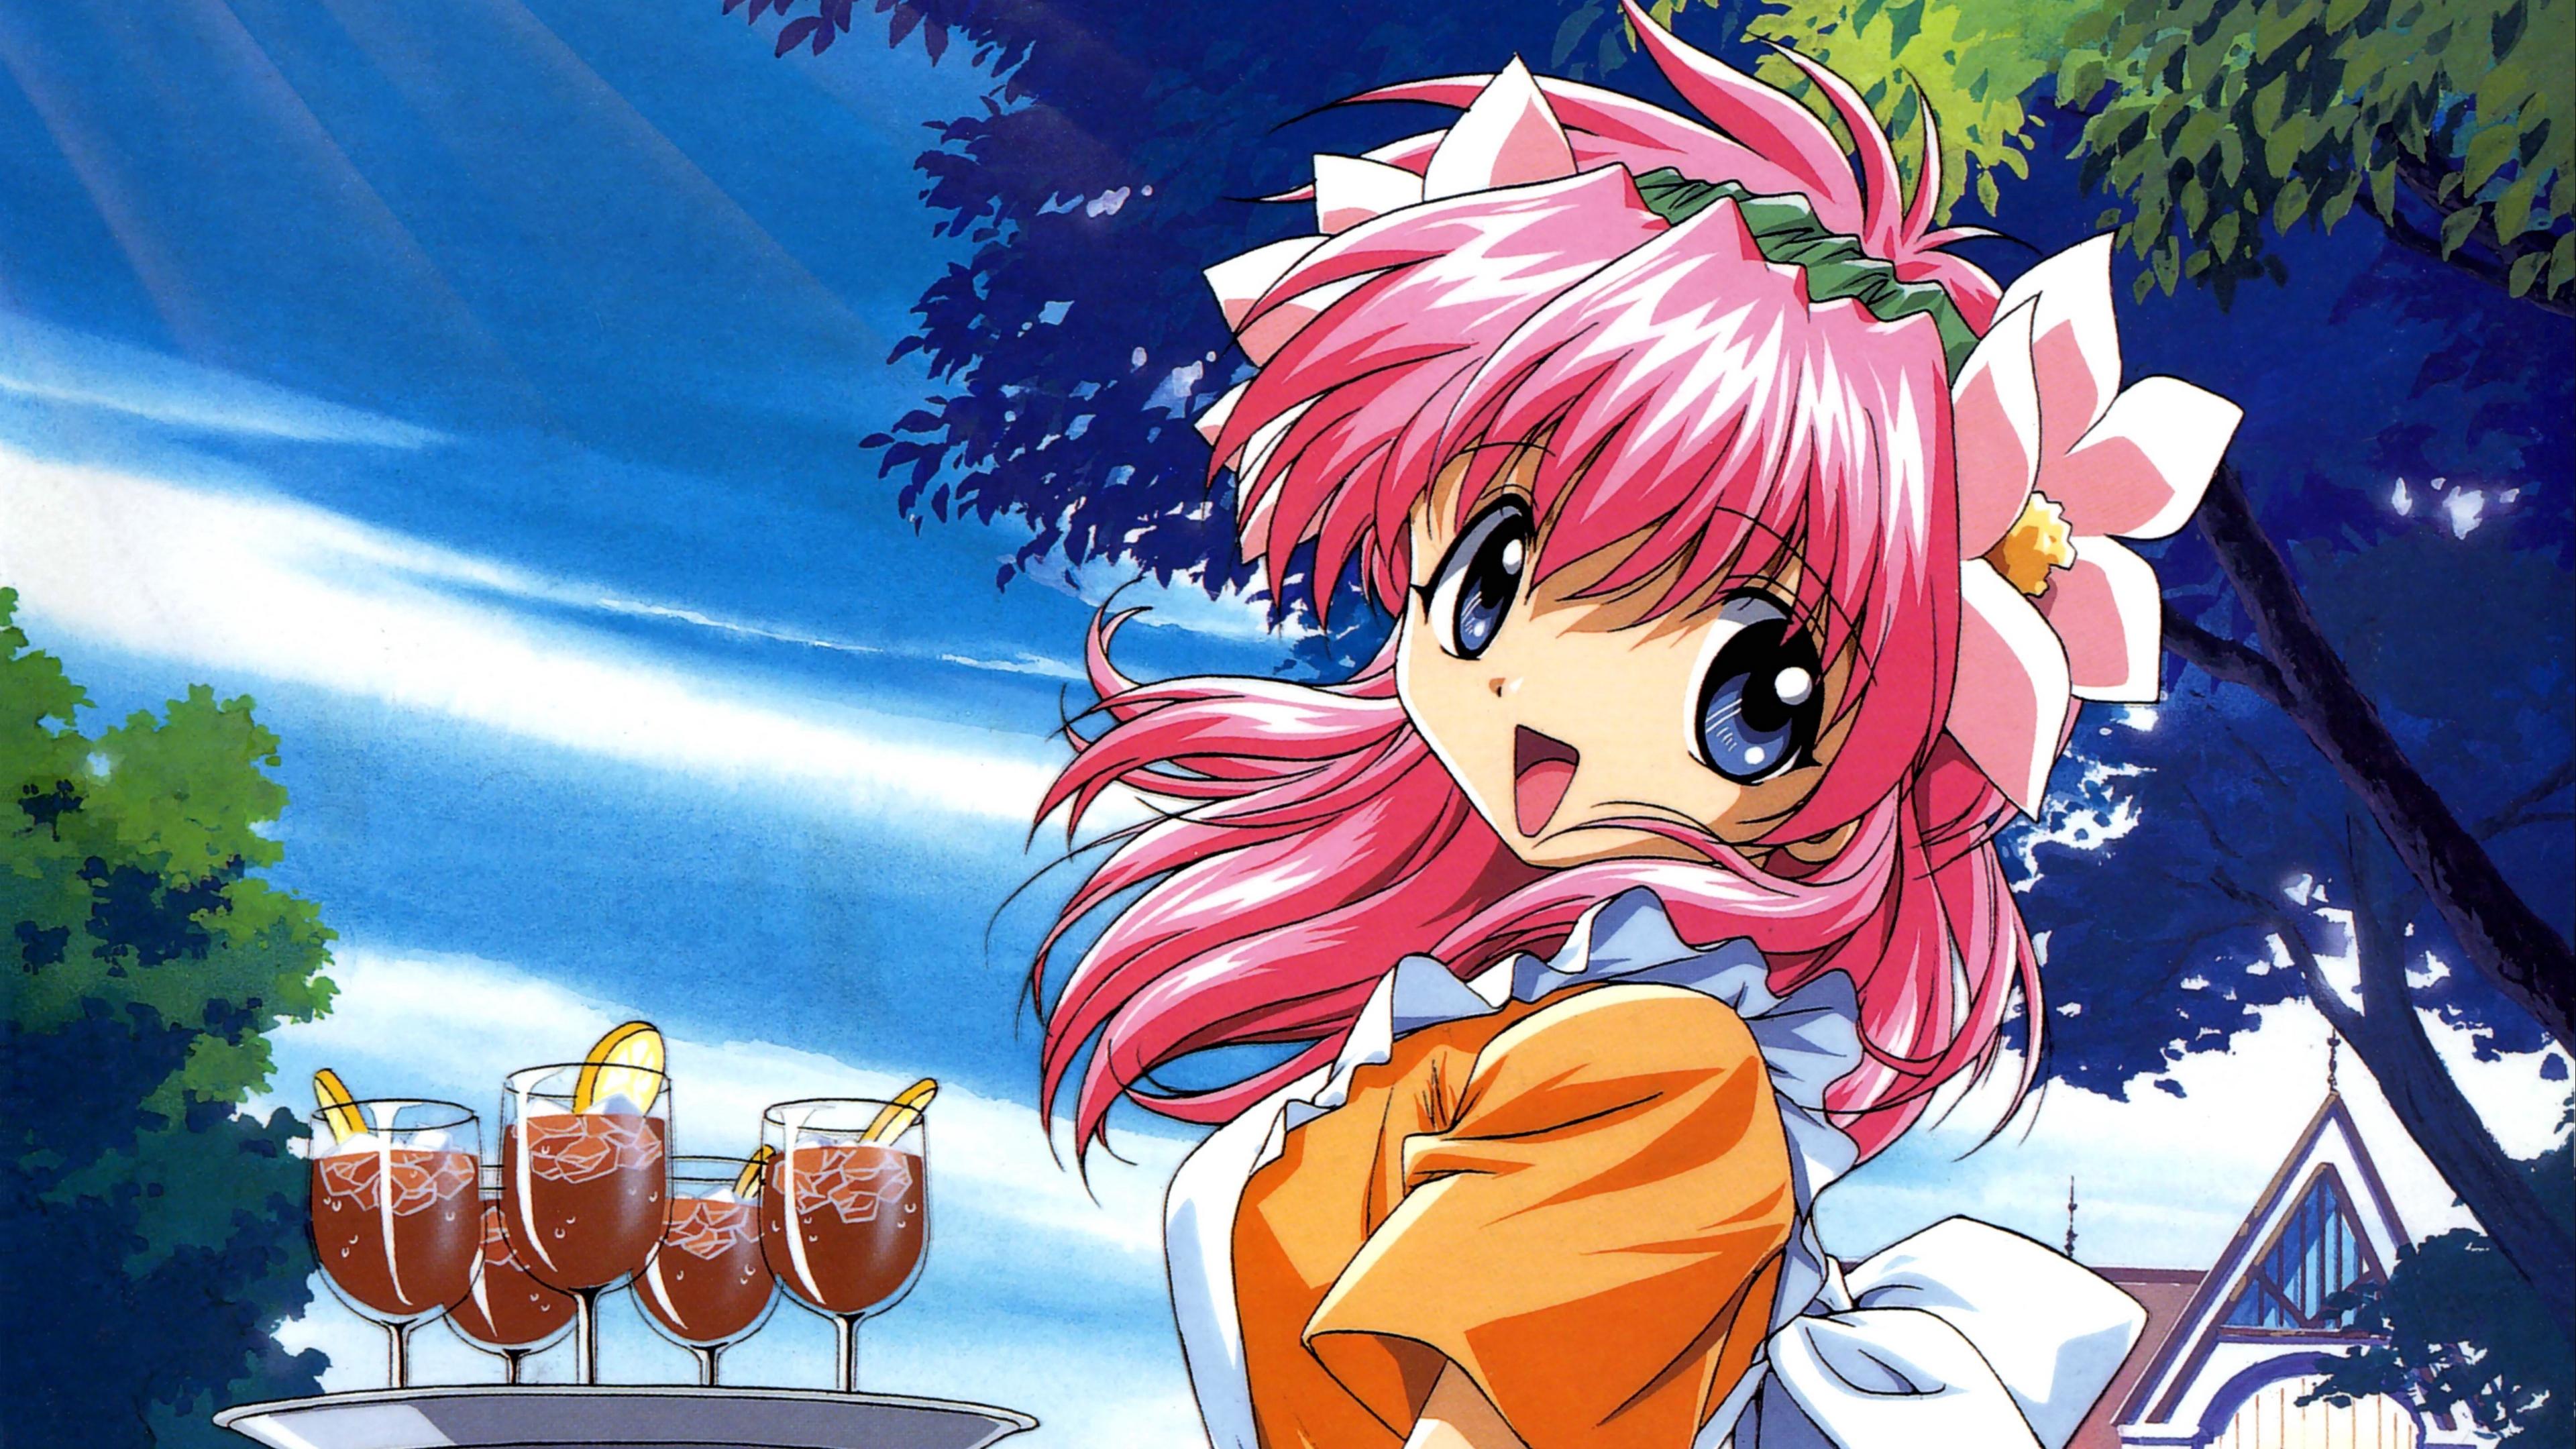 galaxy angel girl pink hair tray 4k 1541975562 - galaxy angel, girl, pink hair, tray 4k - pink hair, Girl, galaxy angel